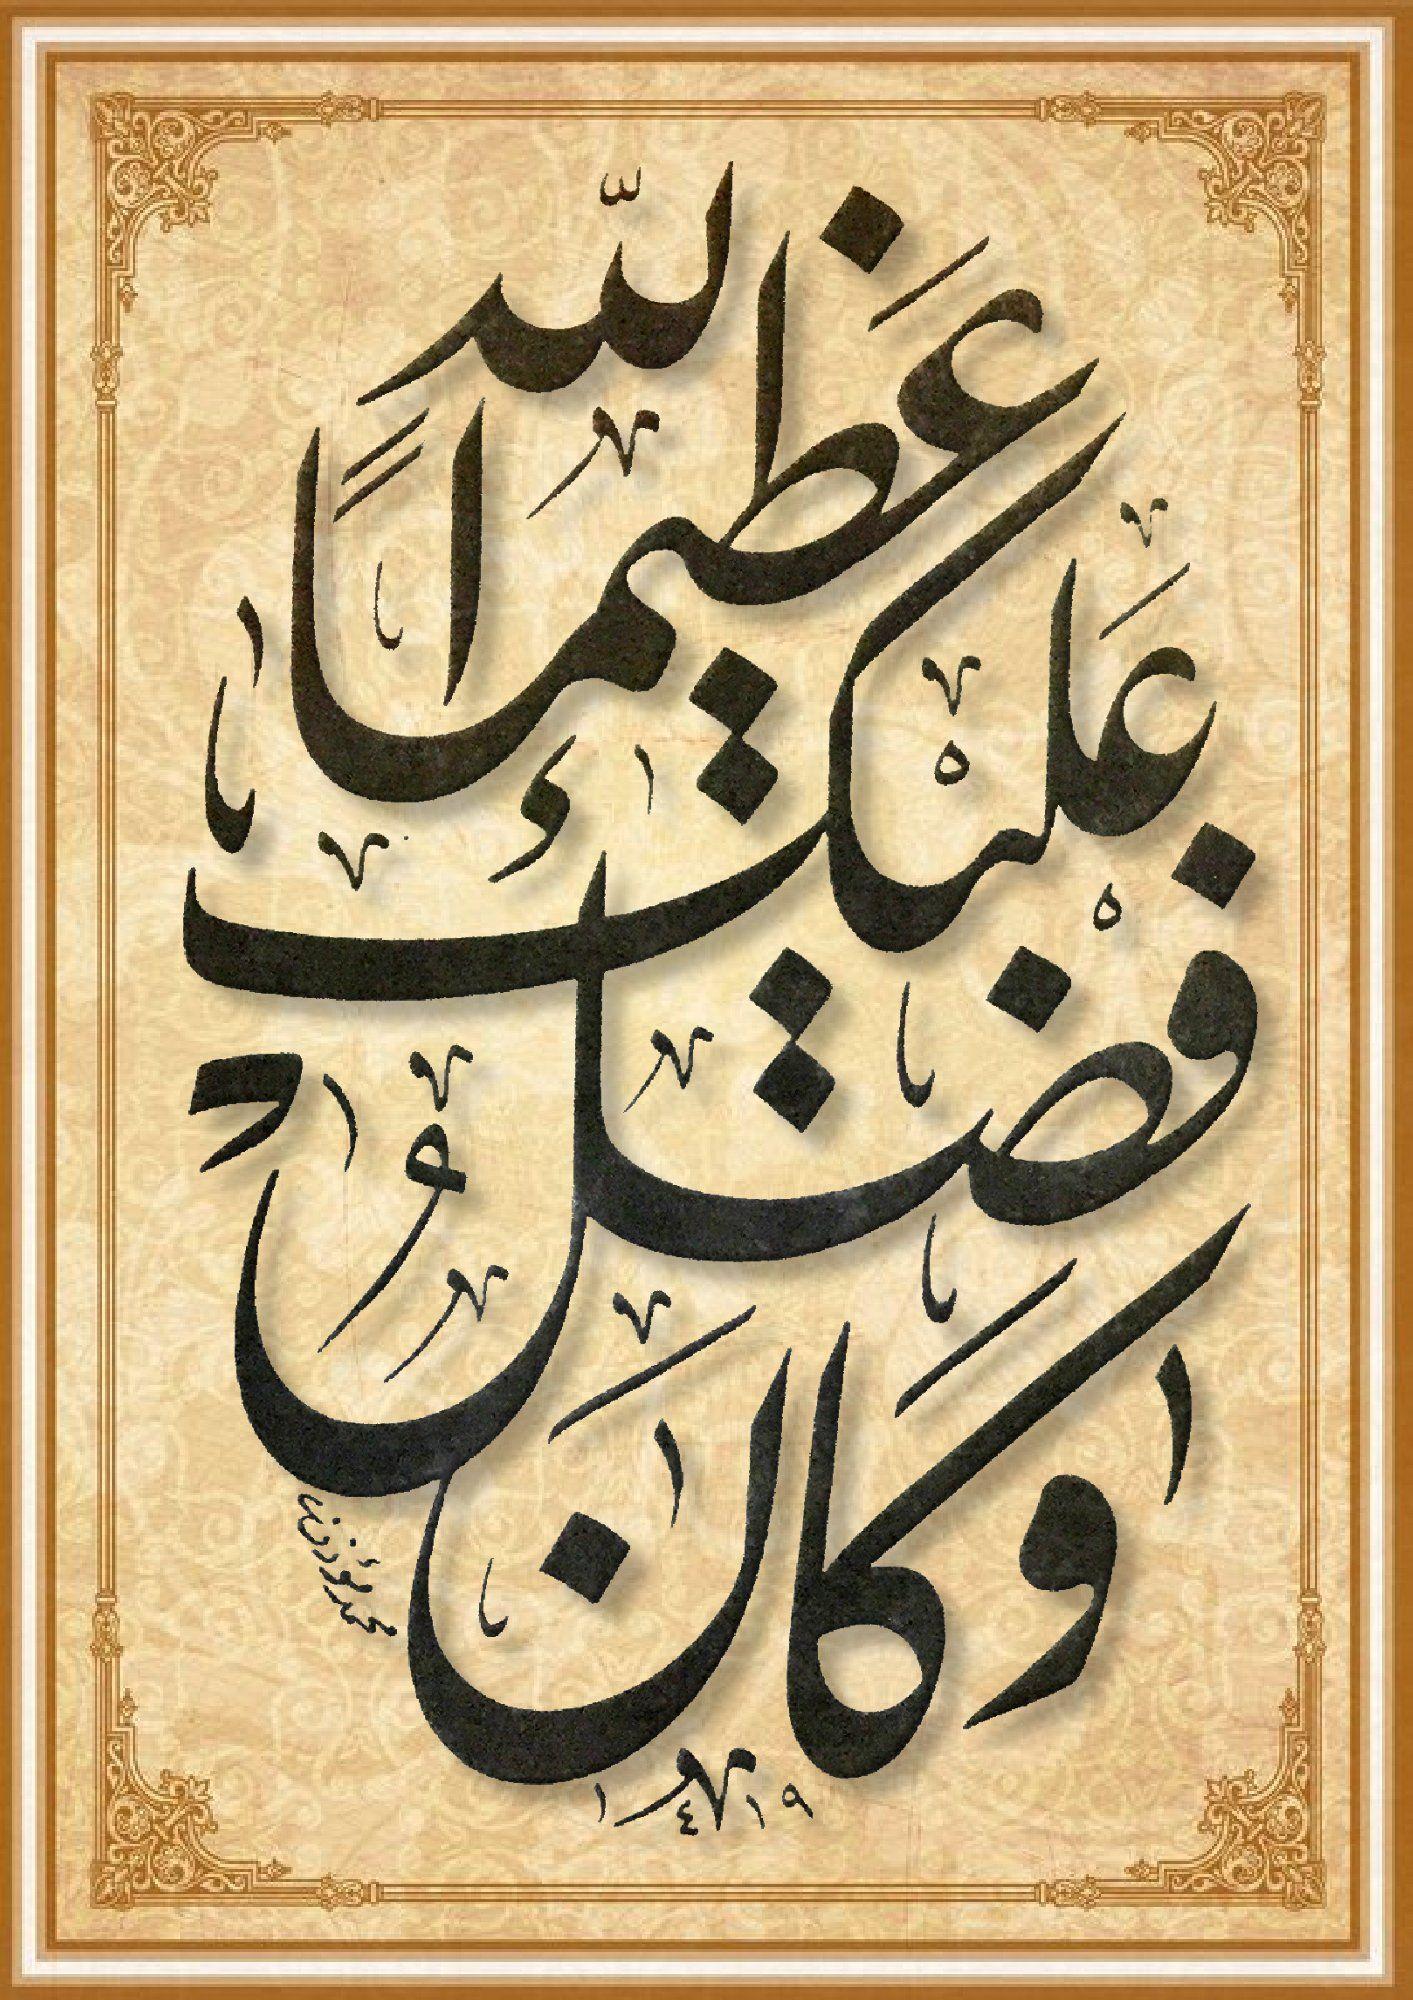 و كان فضل الله عليك عظيما سورة النساء ٤ آية ١١٣ Islamic Art Calligraphy Calligraphy Wall Art Islamic Calligraphy